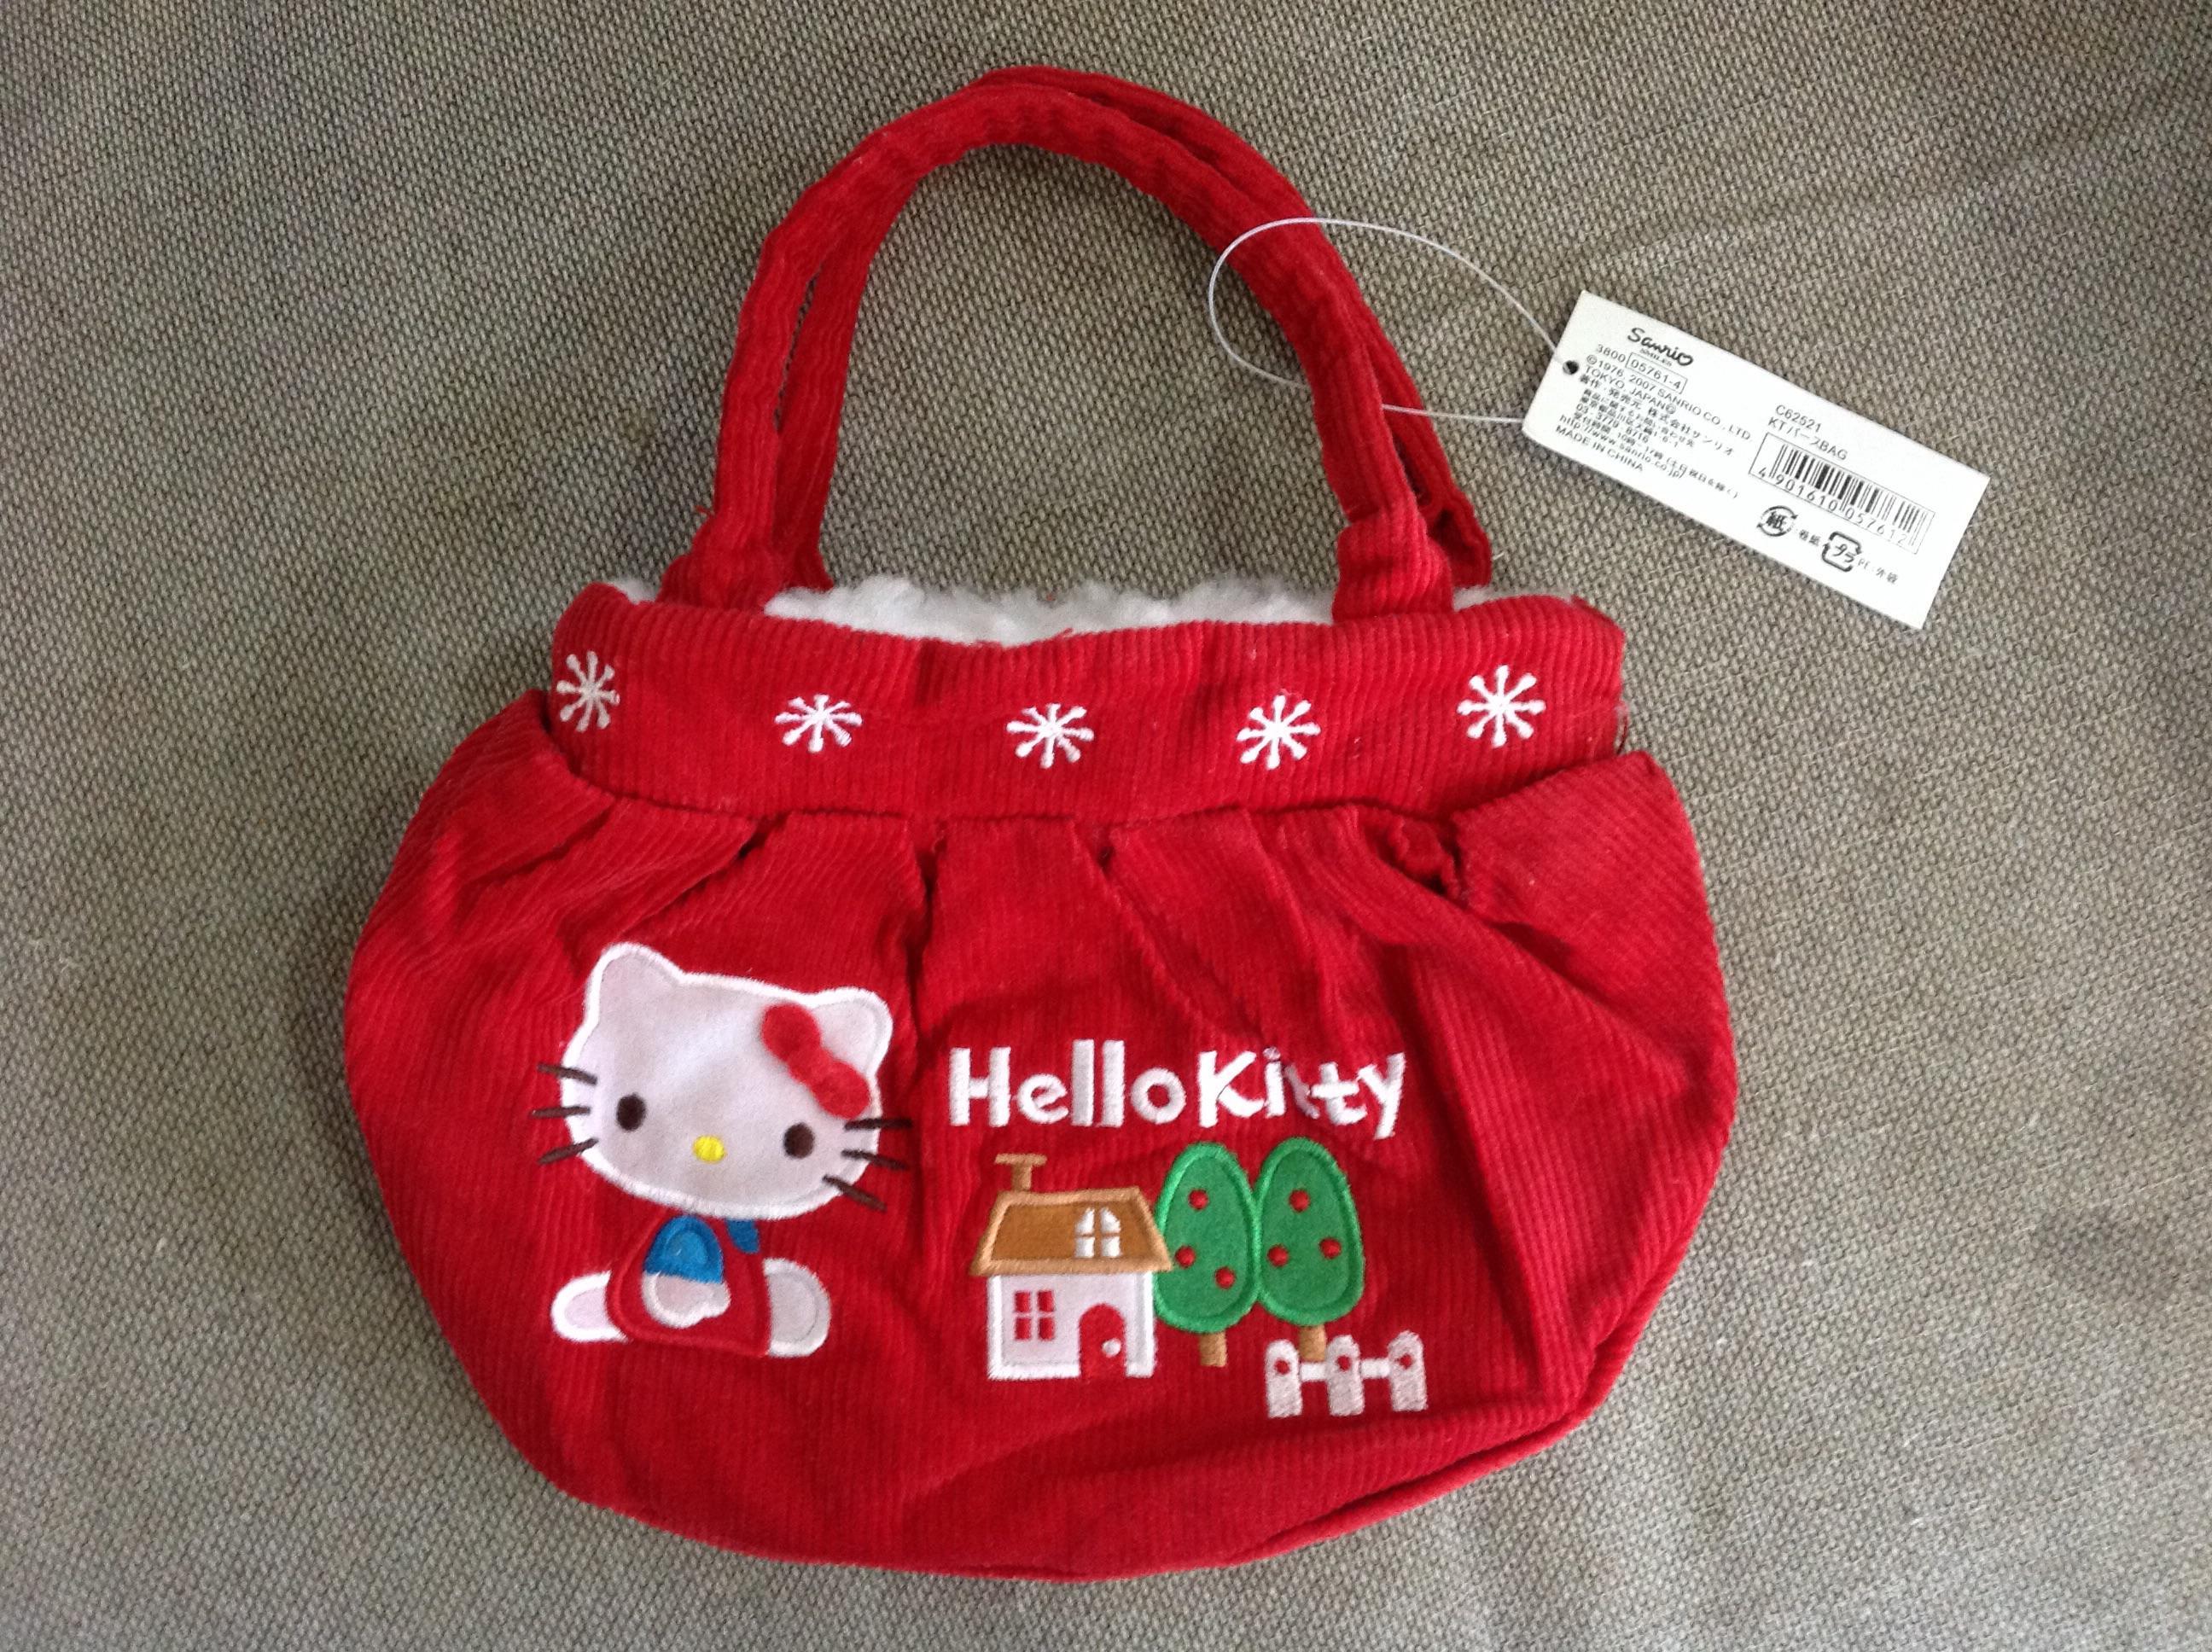 พร้อมส่ง กระเป๋าถือใบเล็ก hello kitty รับ winter